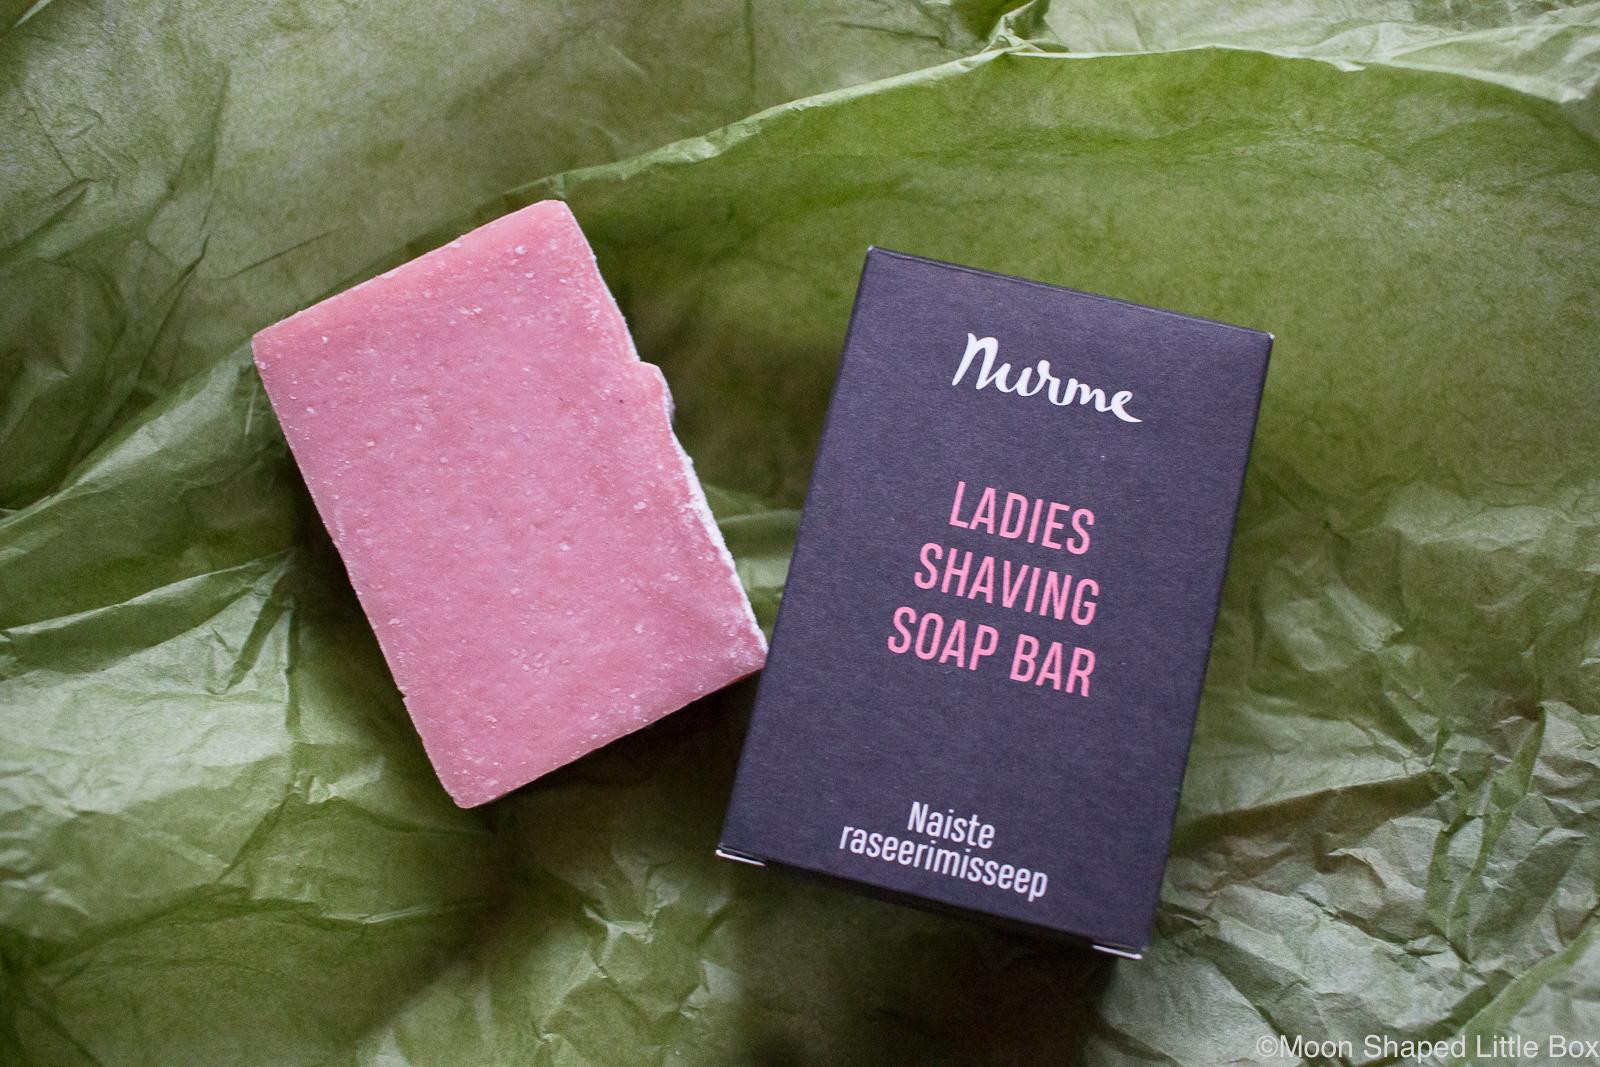 Nurme-shaving-soap-palasaippua